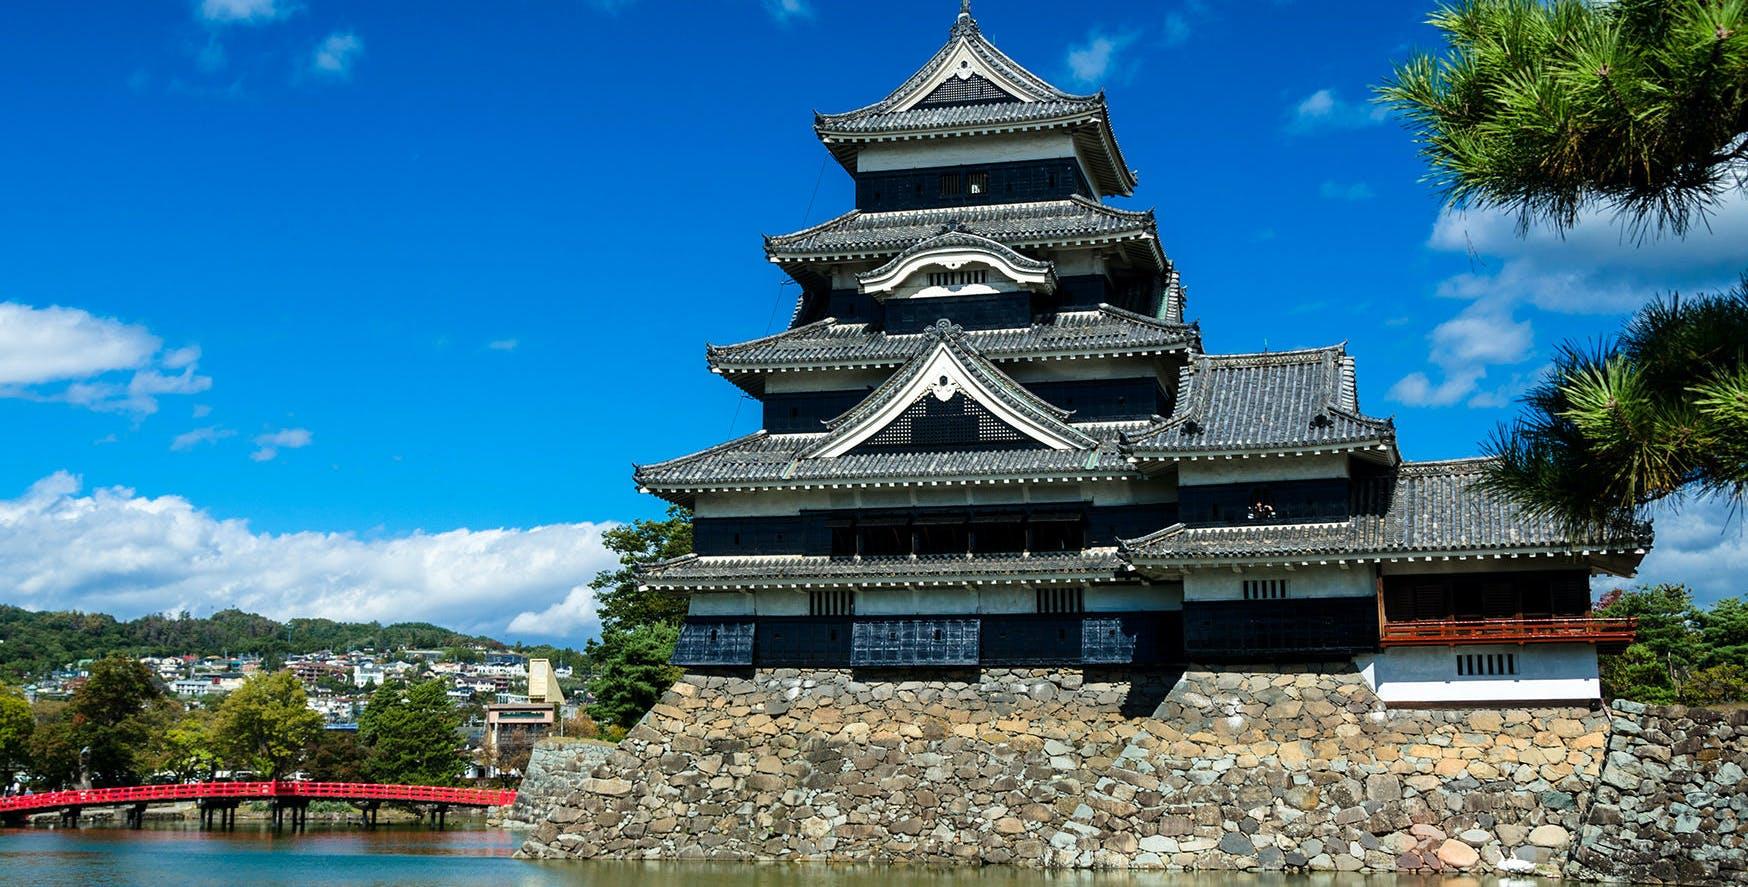 日本全国の観光スポット】人気観光名所から絶景まで日本各地の観光 ...